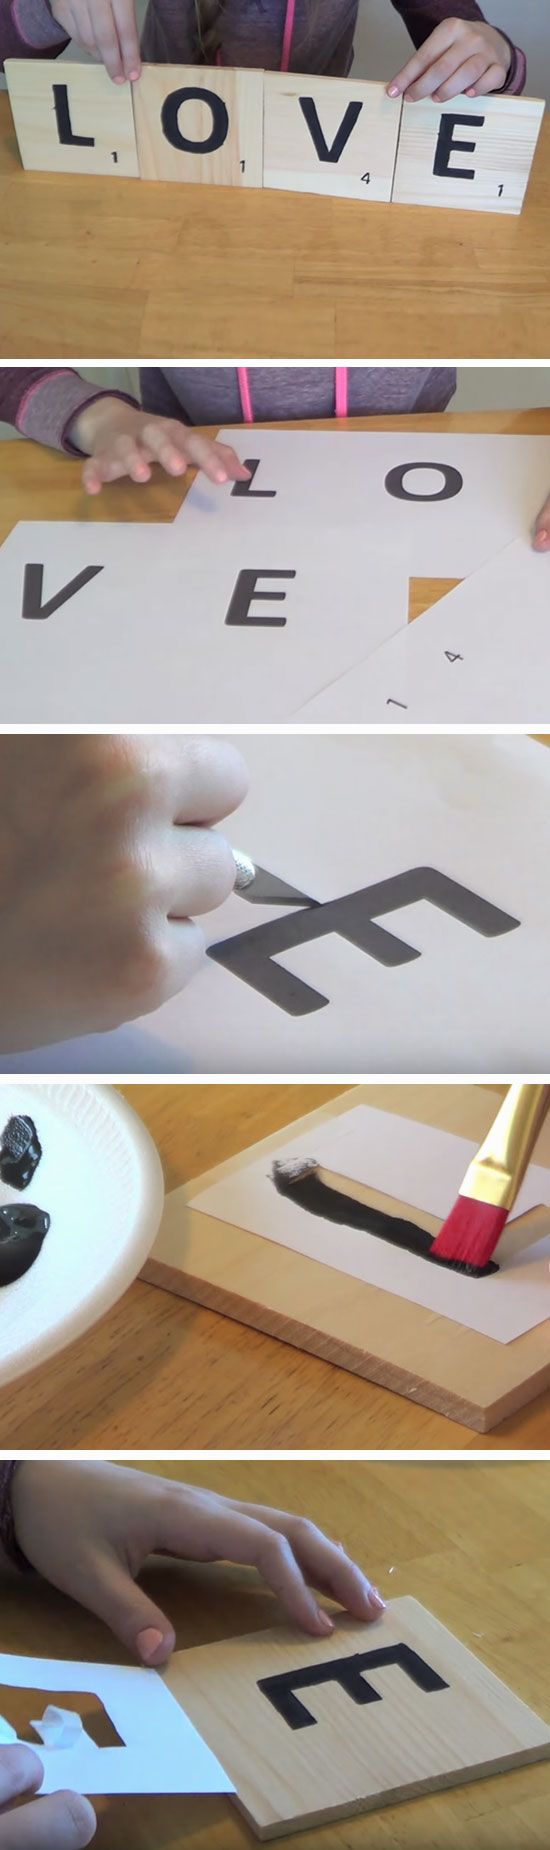 Scrabble Letters.